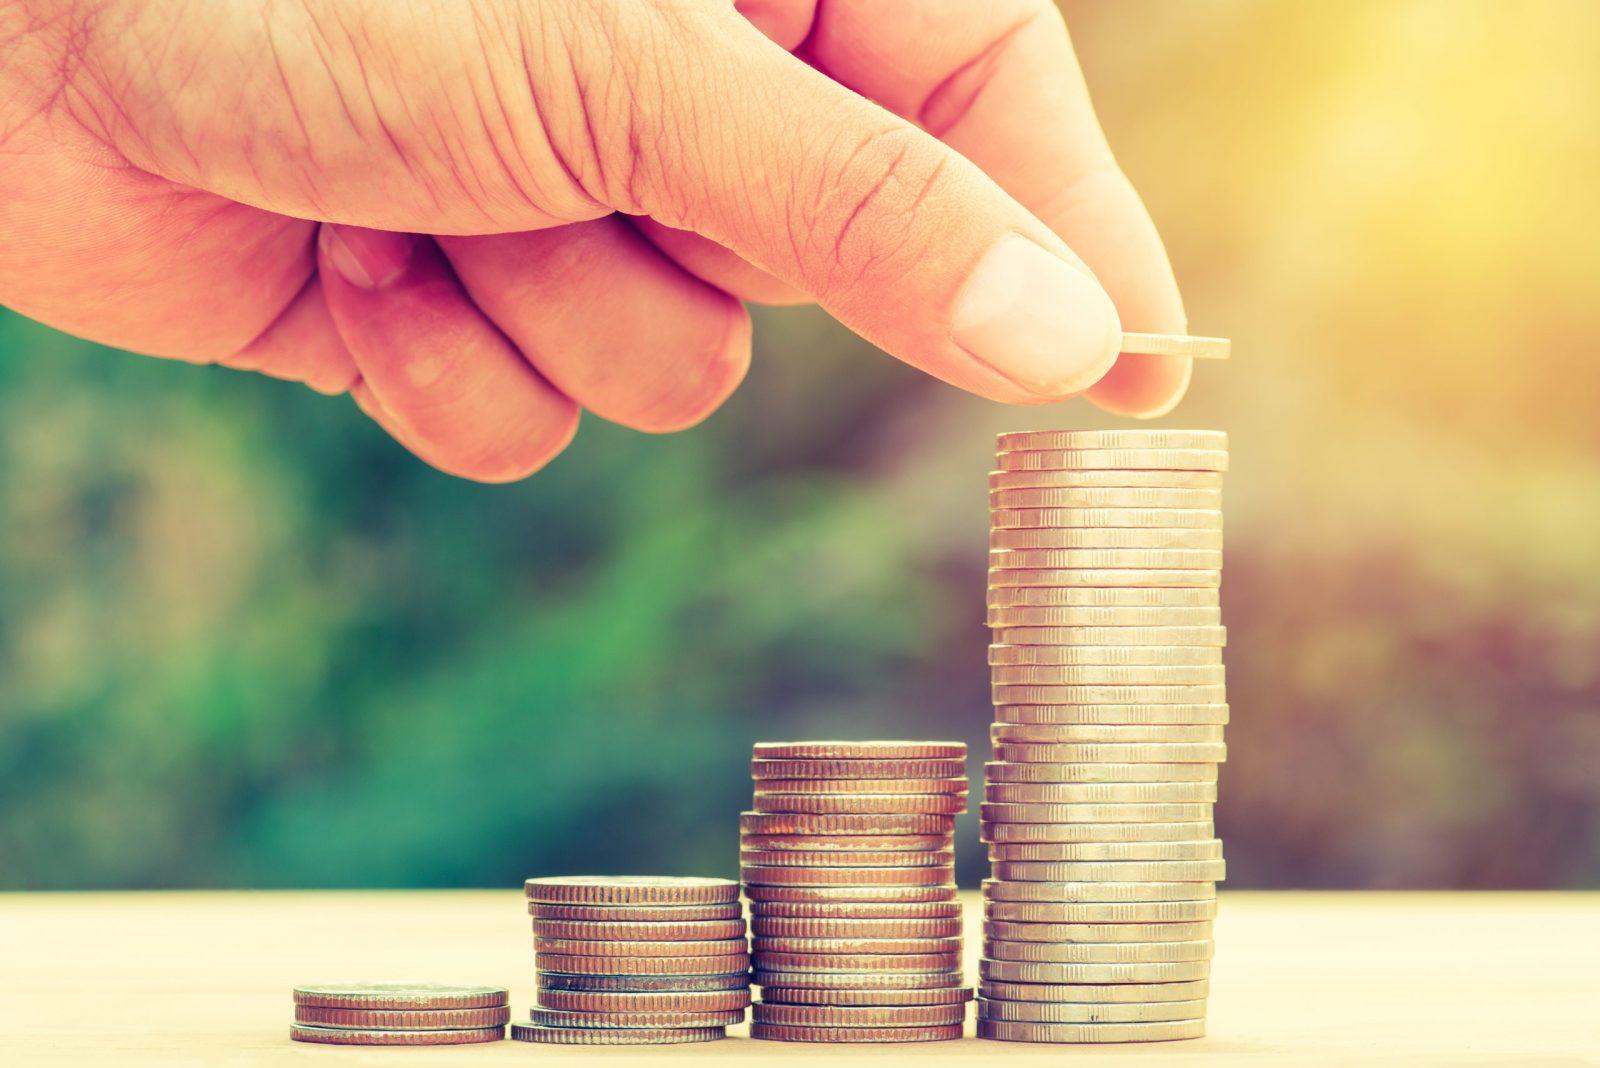 Comment faire fructifier son argent